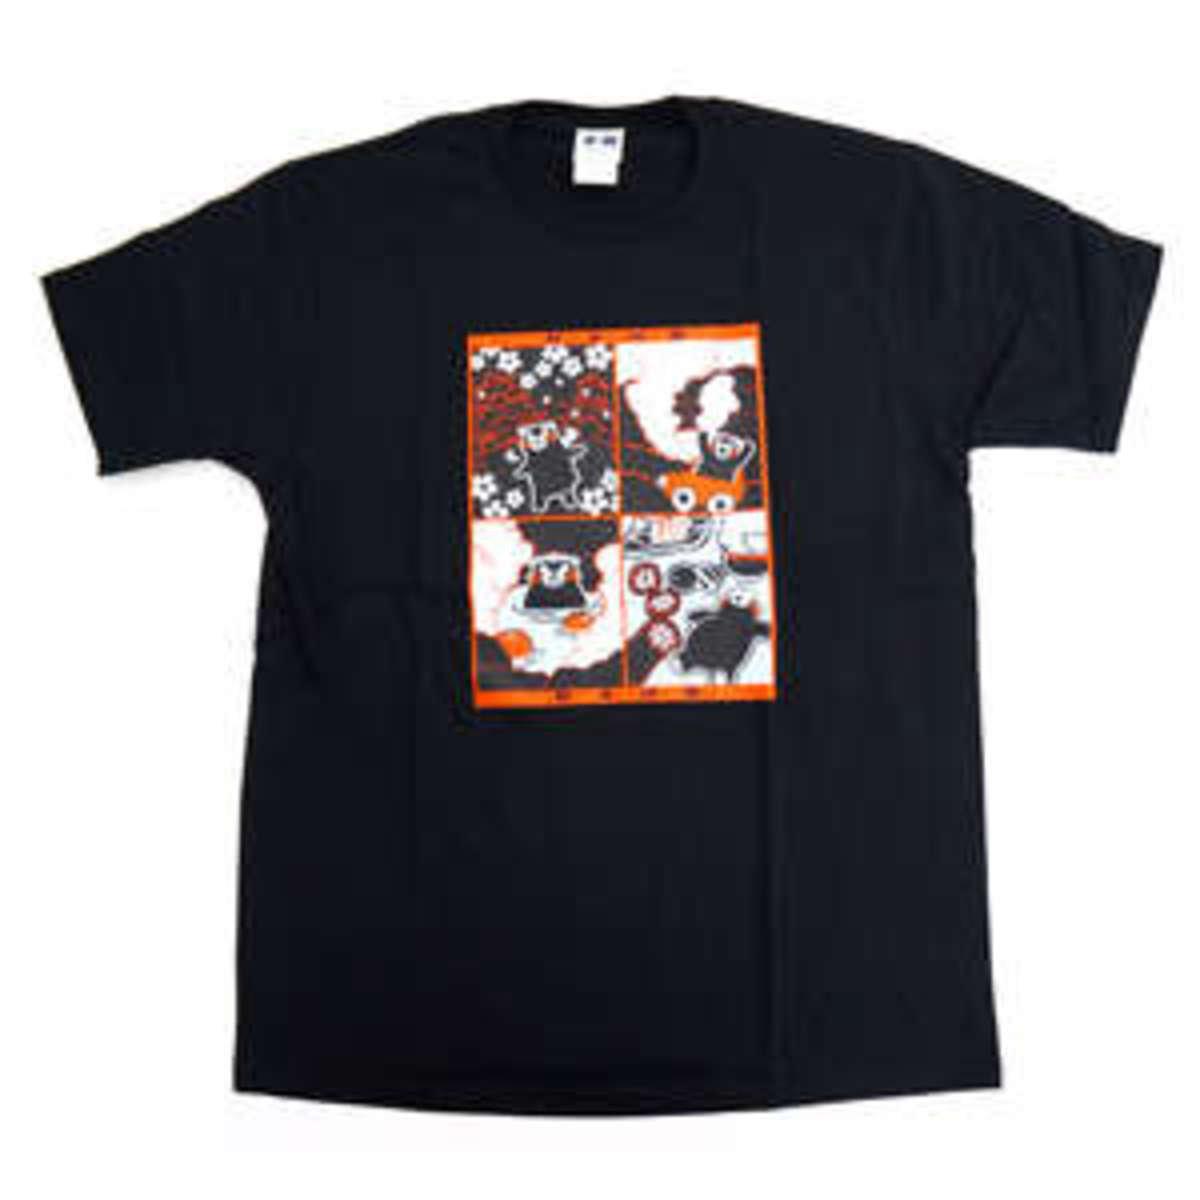 KUMAMON 熊本物語T恤 (黑)